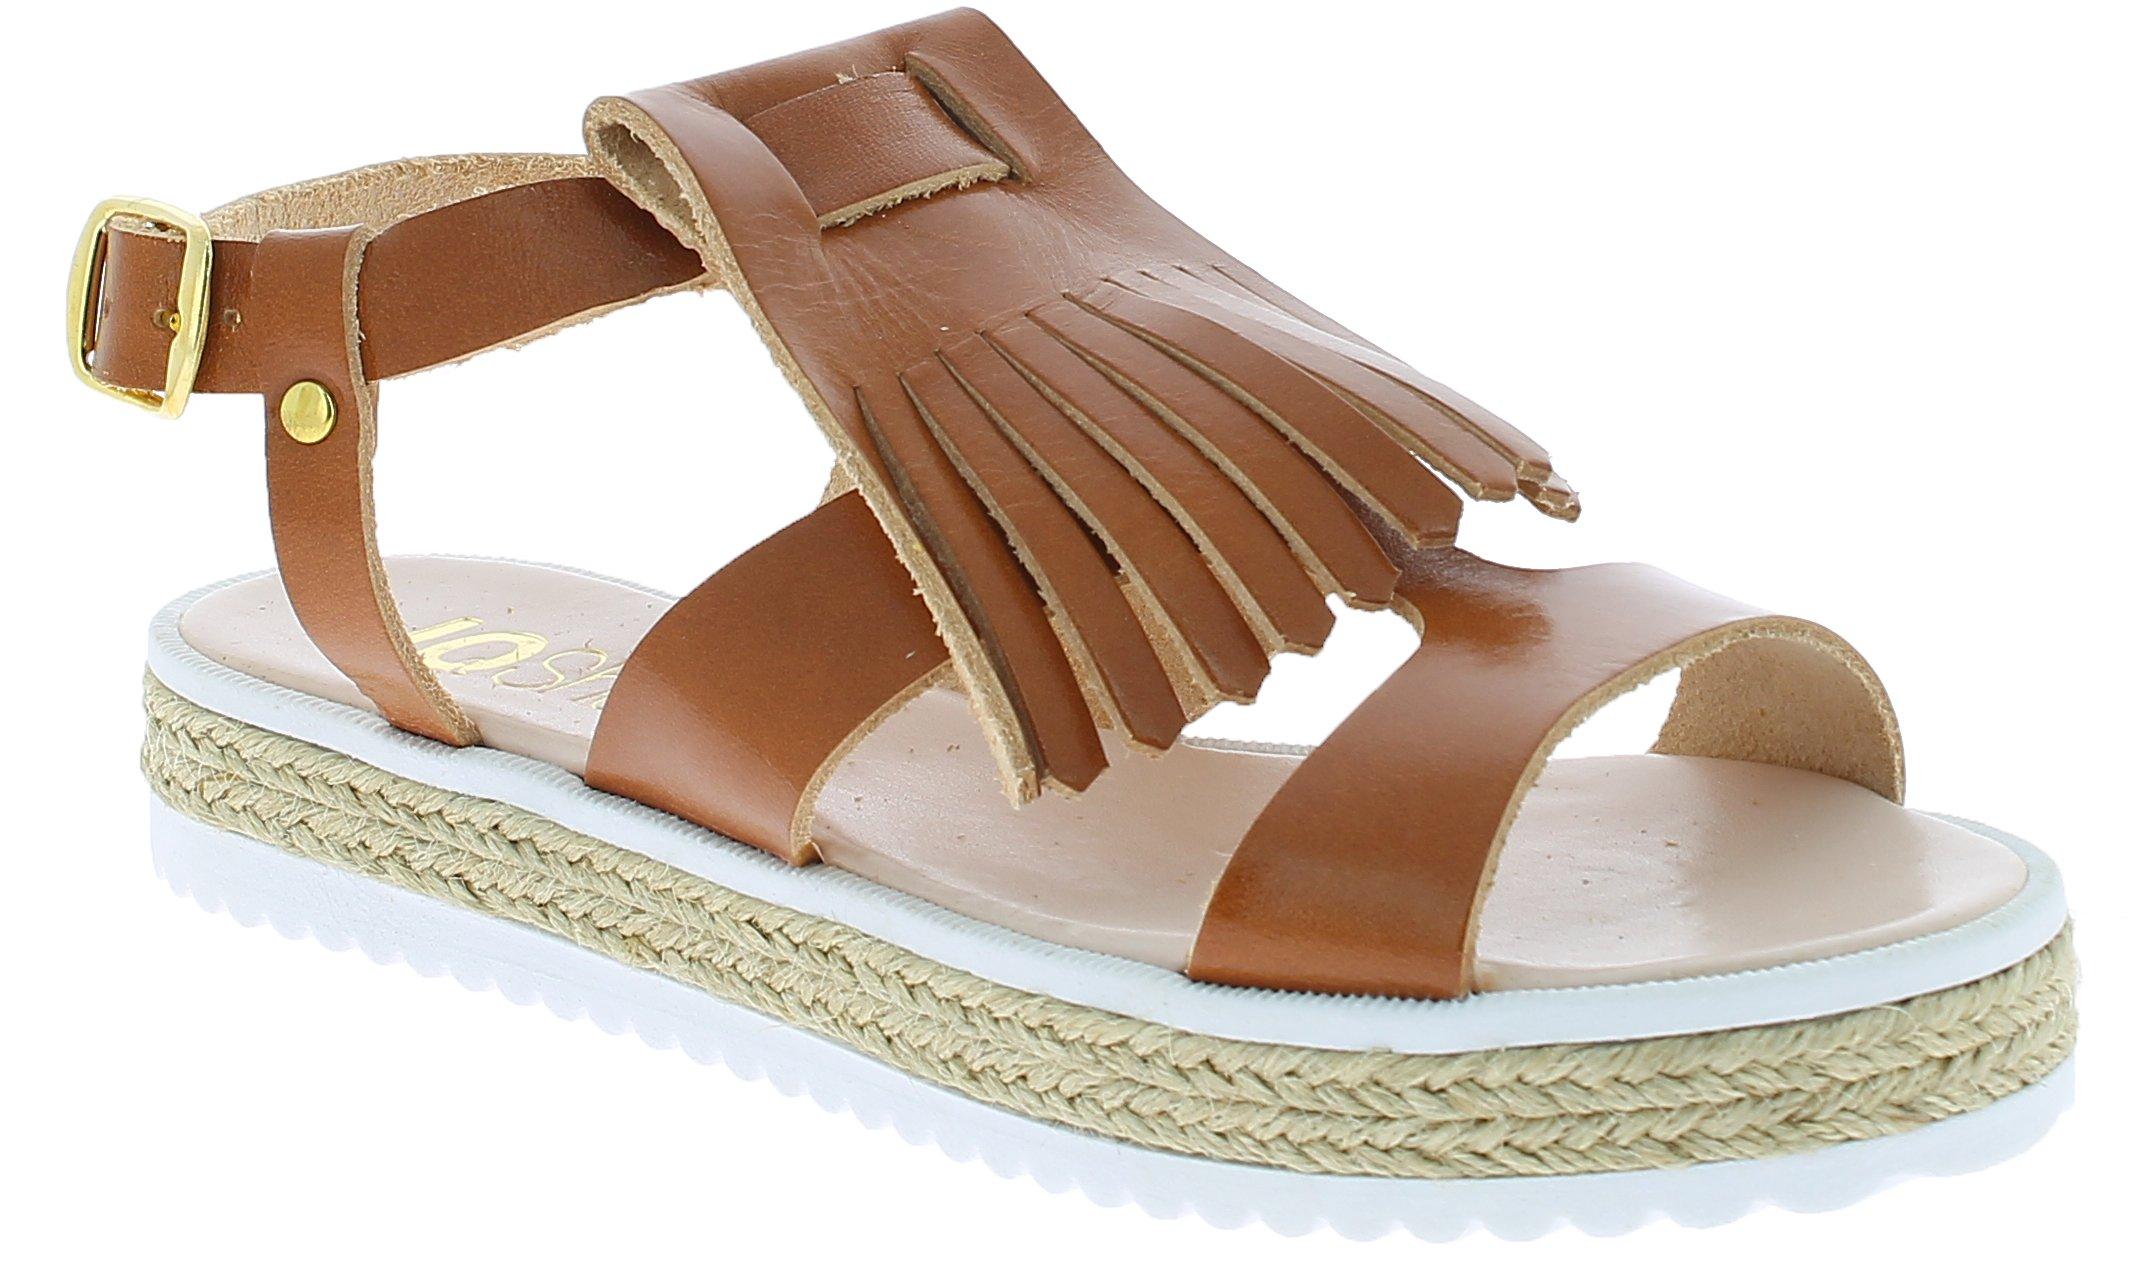 IQSHOES Γυναικείο Πέδιλο B90 Κάμελ - IqShoes - 50.B90K-camel-37/1/25/27 παπούτσια  προσφορεσ